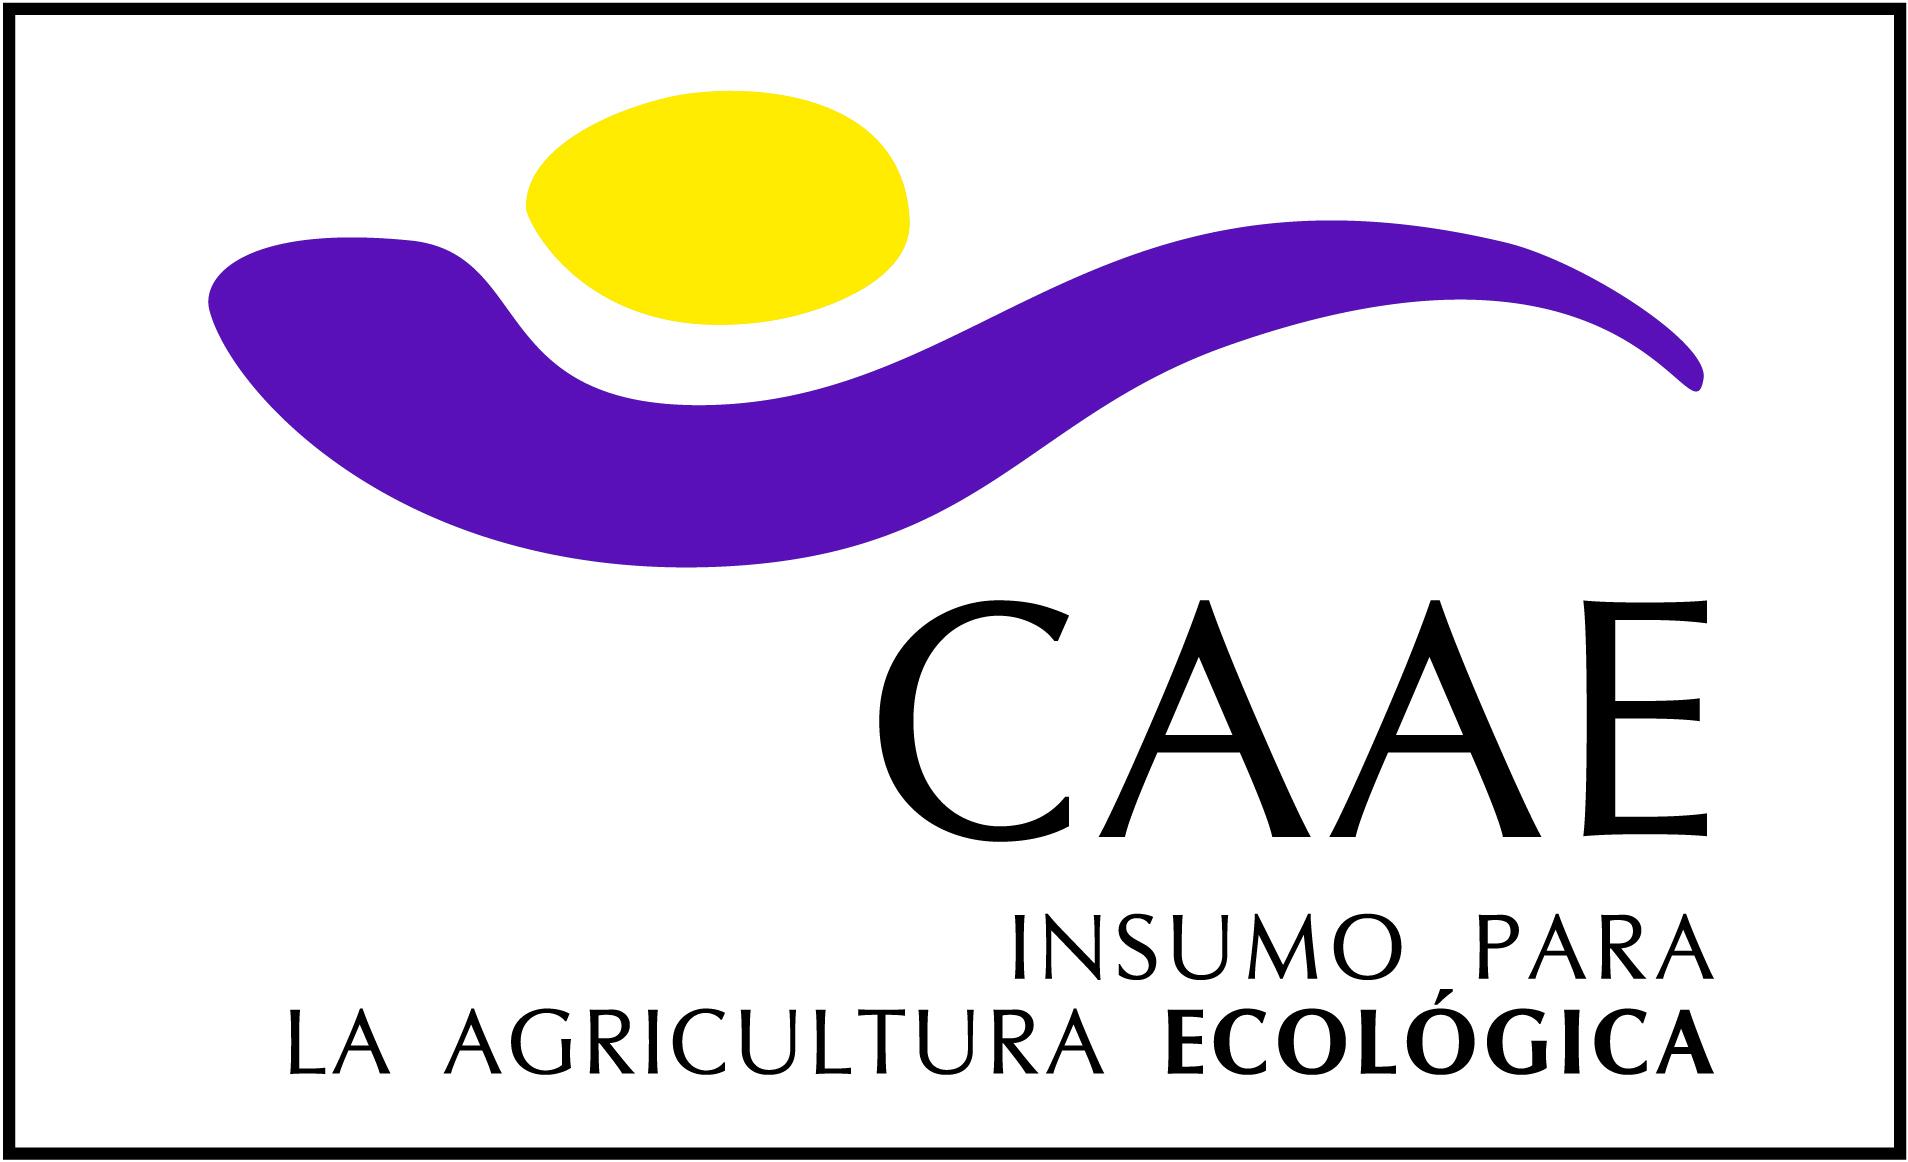 Resultado de imagen de caae insumo para la agricultura ecologica